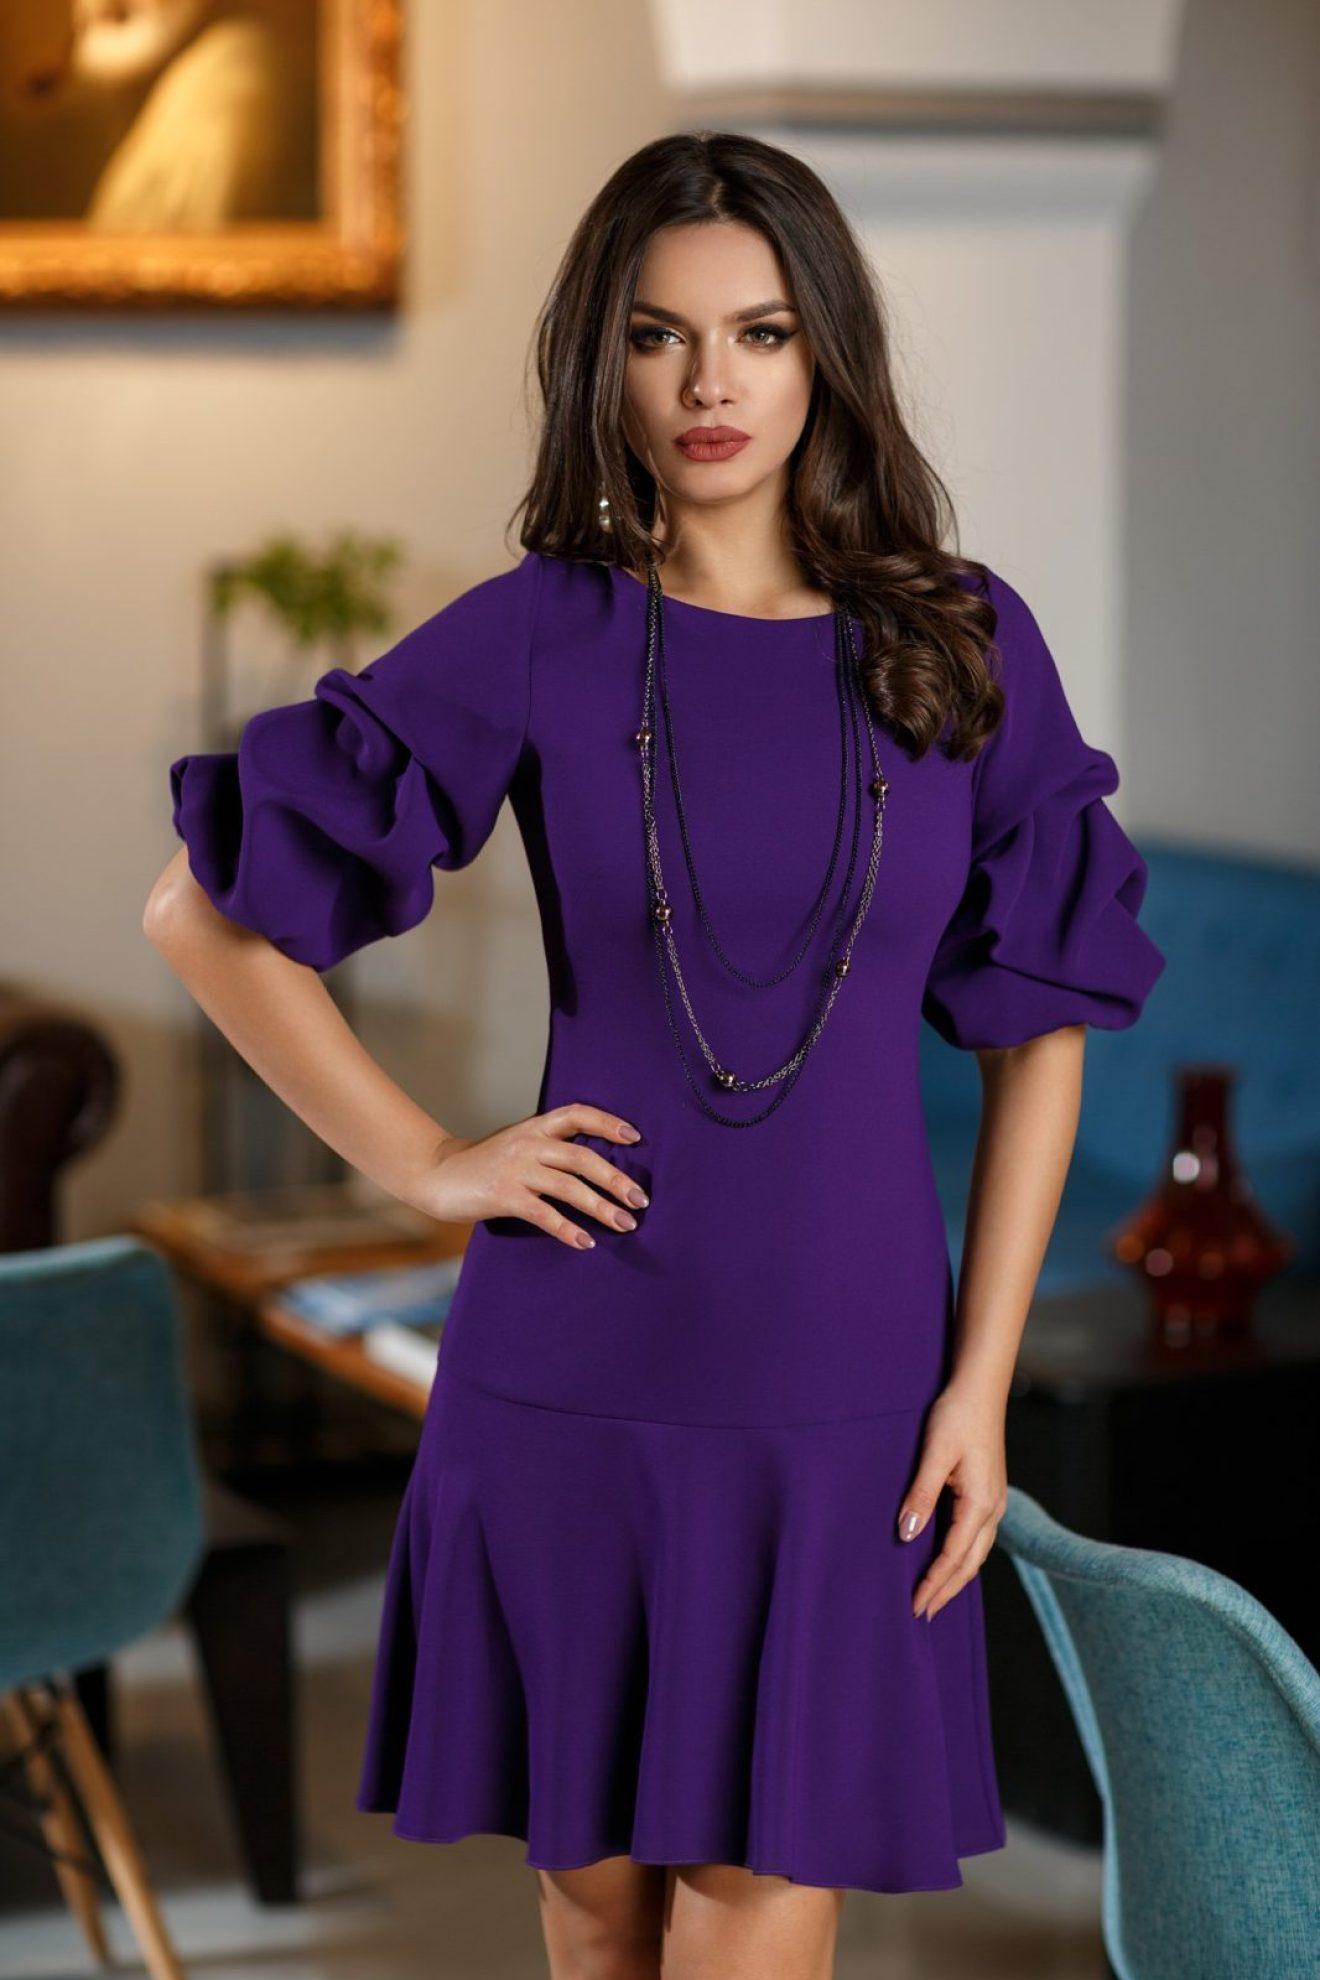 rochie_eleganta_violet_cu_maneci_bufante_2_